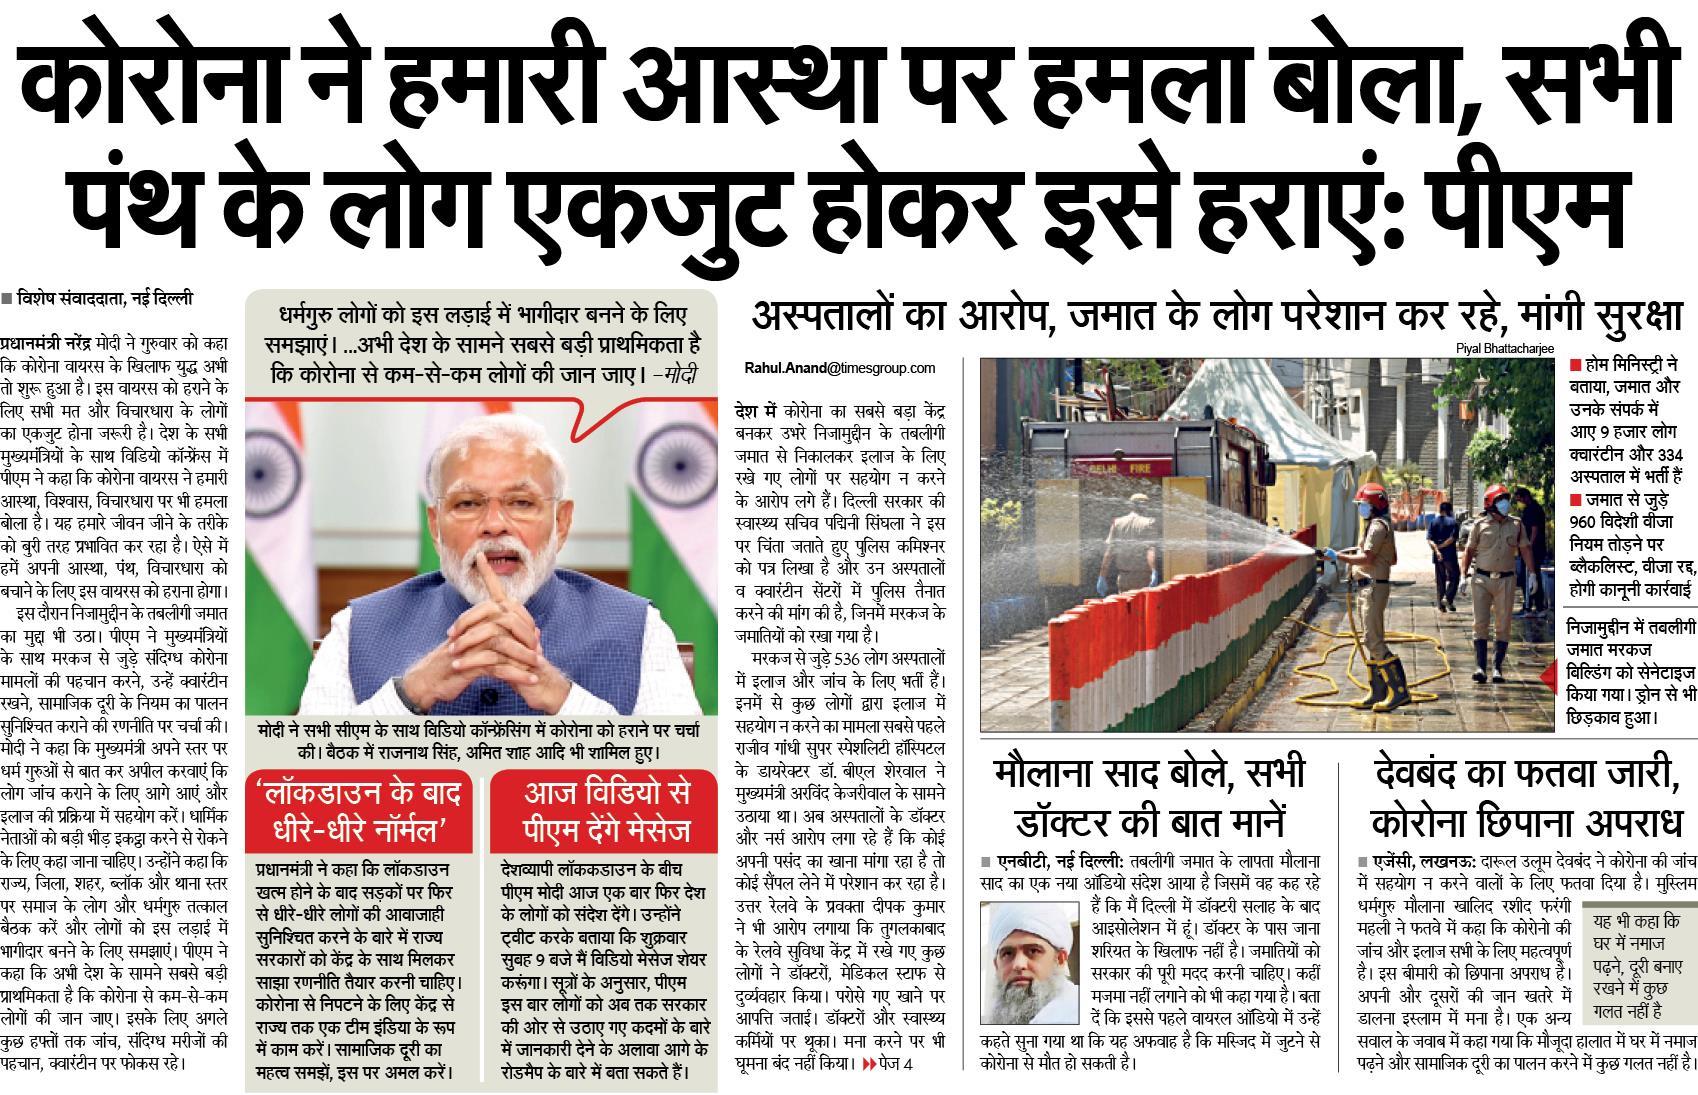 हिन्दी दैनिक नवभारत टाइम्स ने प्रधानमंत्री नरेंद्र मोदी की वीडियो कॉन्फ्रेंसिंग, डॉक्टर कपल के पॉजिटिव मिलने, लॉकडाउन के दौरान घरेलू हिंसा के बढ़ रहे मामलों को प्रमुखता से प्रकाशित किया है.